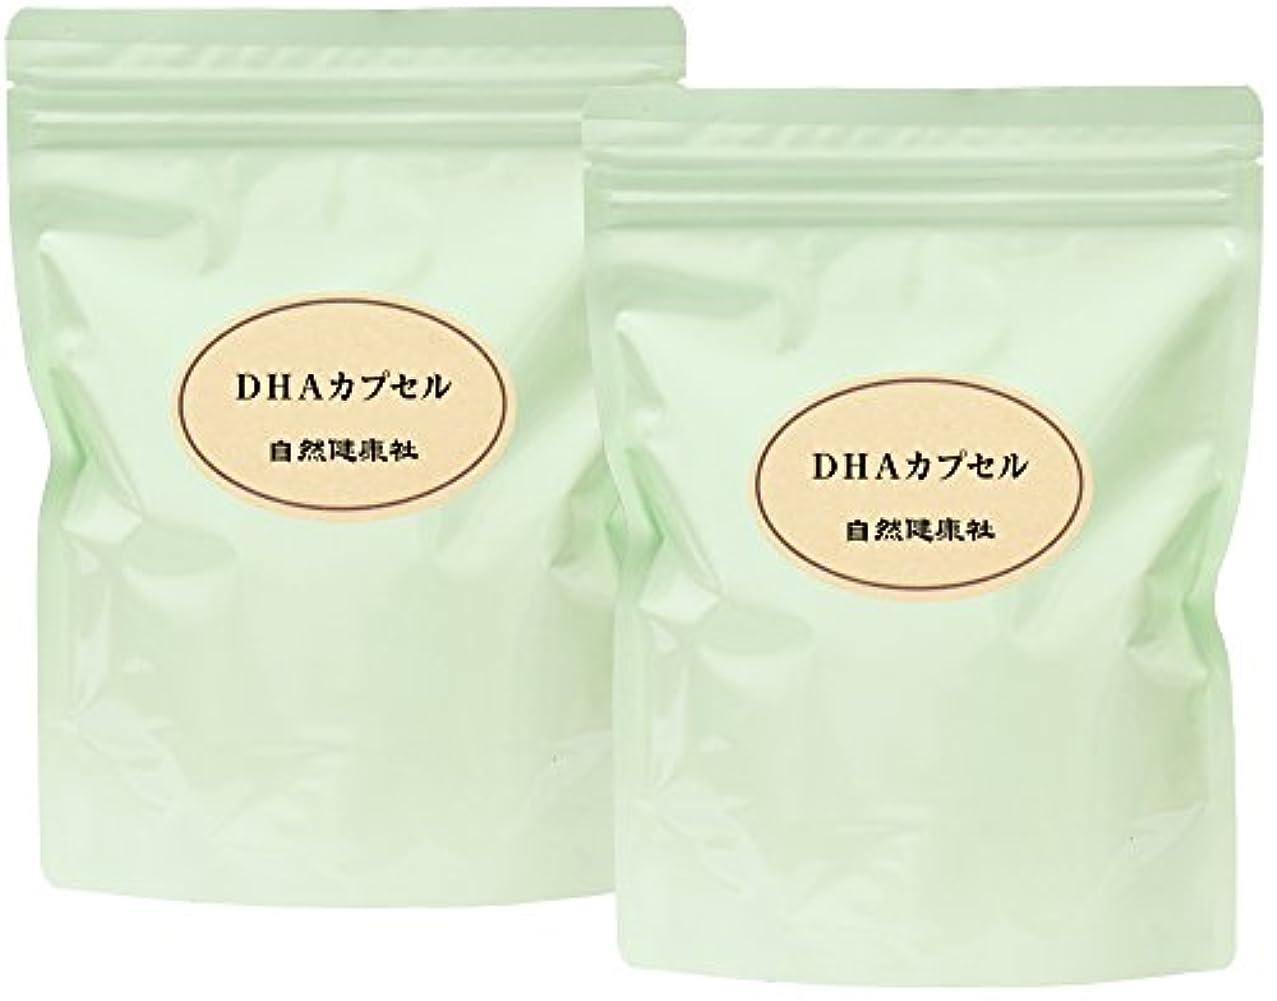 ナプキン酸化物豊富に自然健康社 DHAカプセル?徳用 300g(460mg×652粒)×2個 チャック付きアルミ袋入り